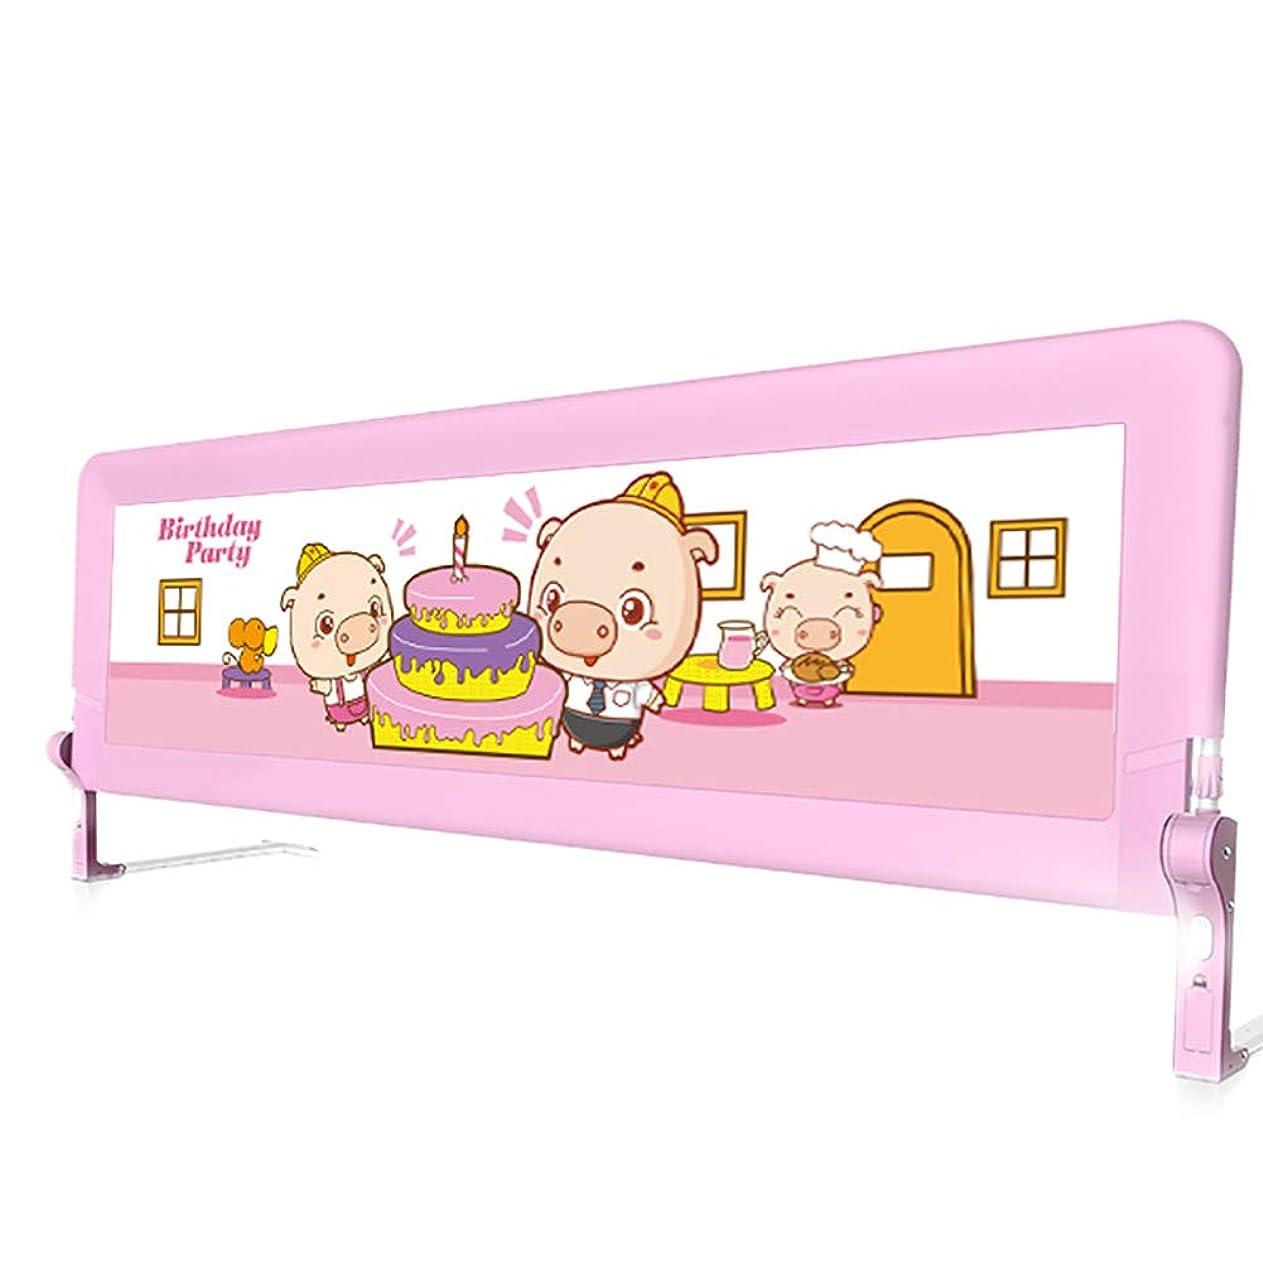 君主制性差別教義ベビーベッドのレールの安全性速い折り畳み式ベッドレールと柔らかいシマー強力な荷台のガードレールなしのピンチングHnadsベッドのためのピンクの幼児ガード